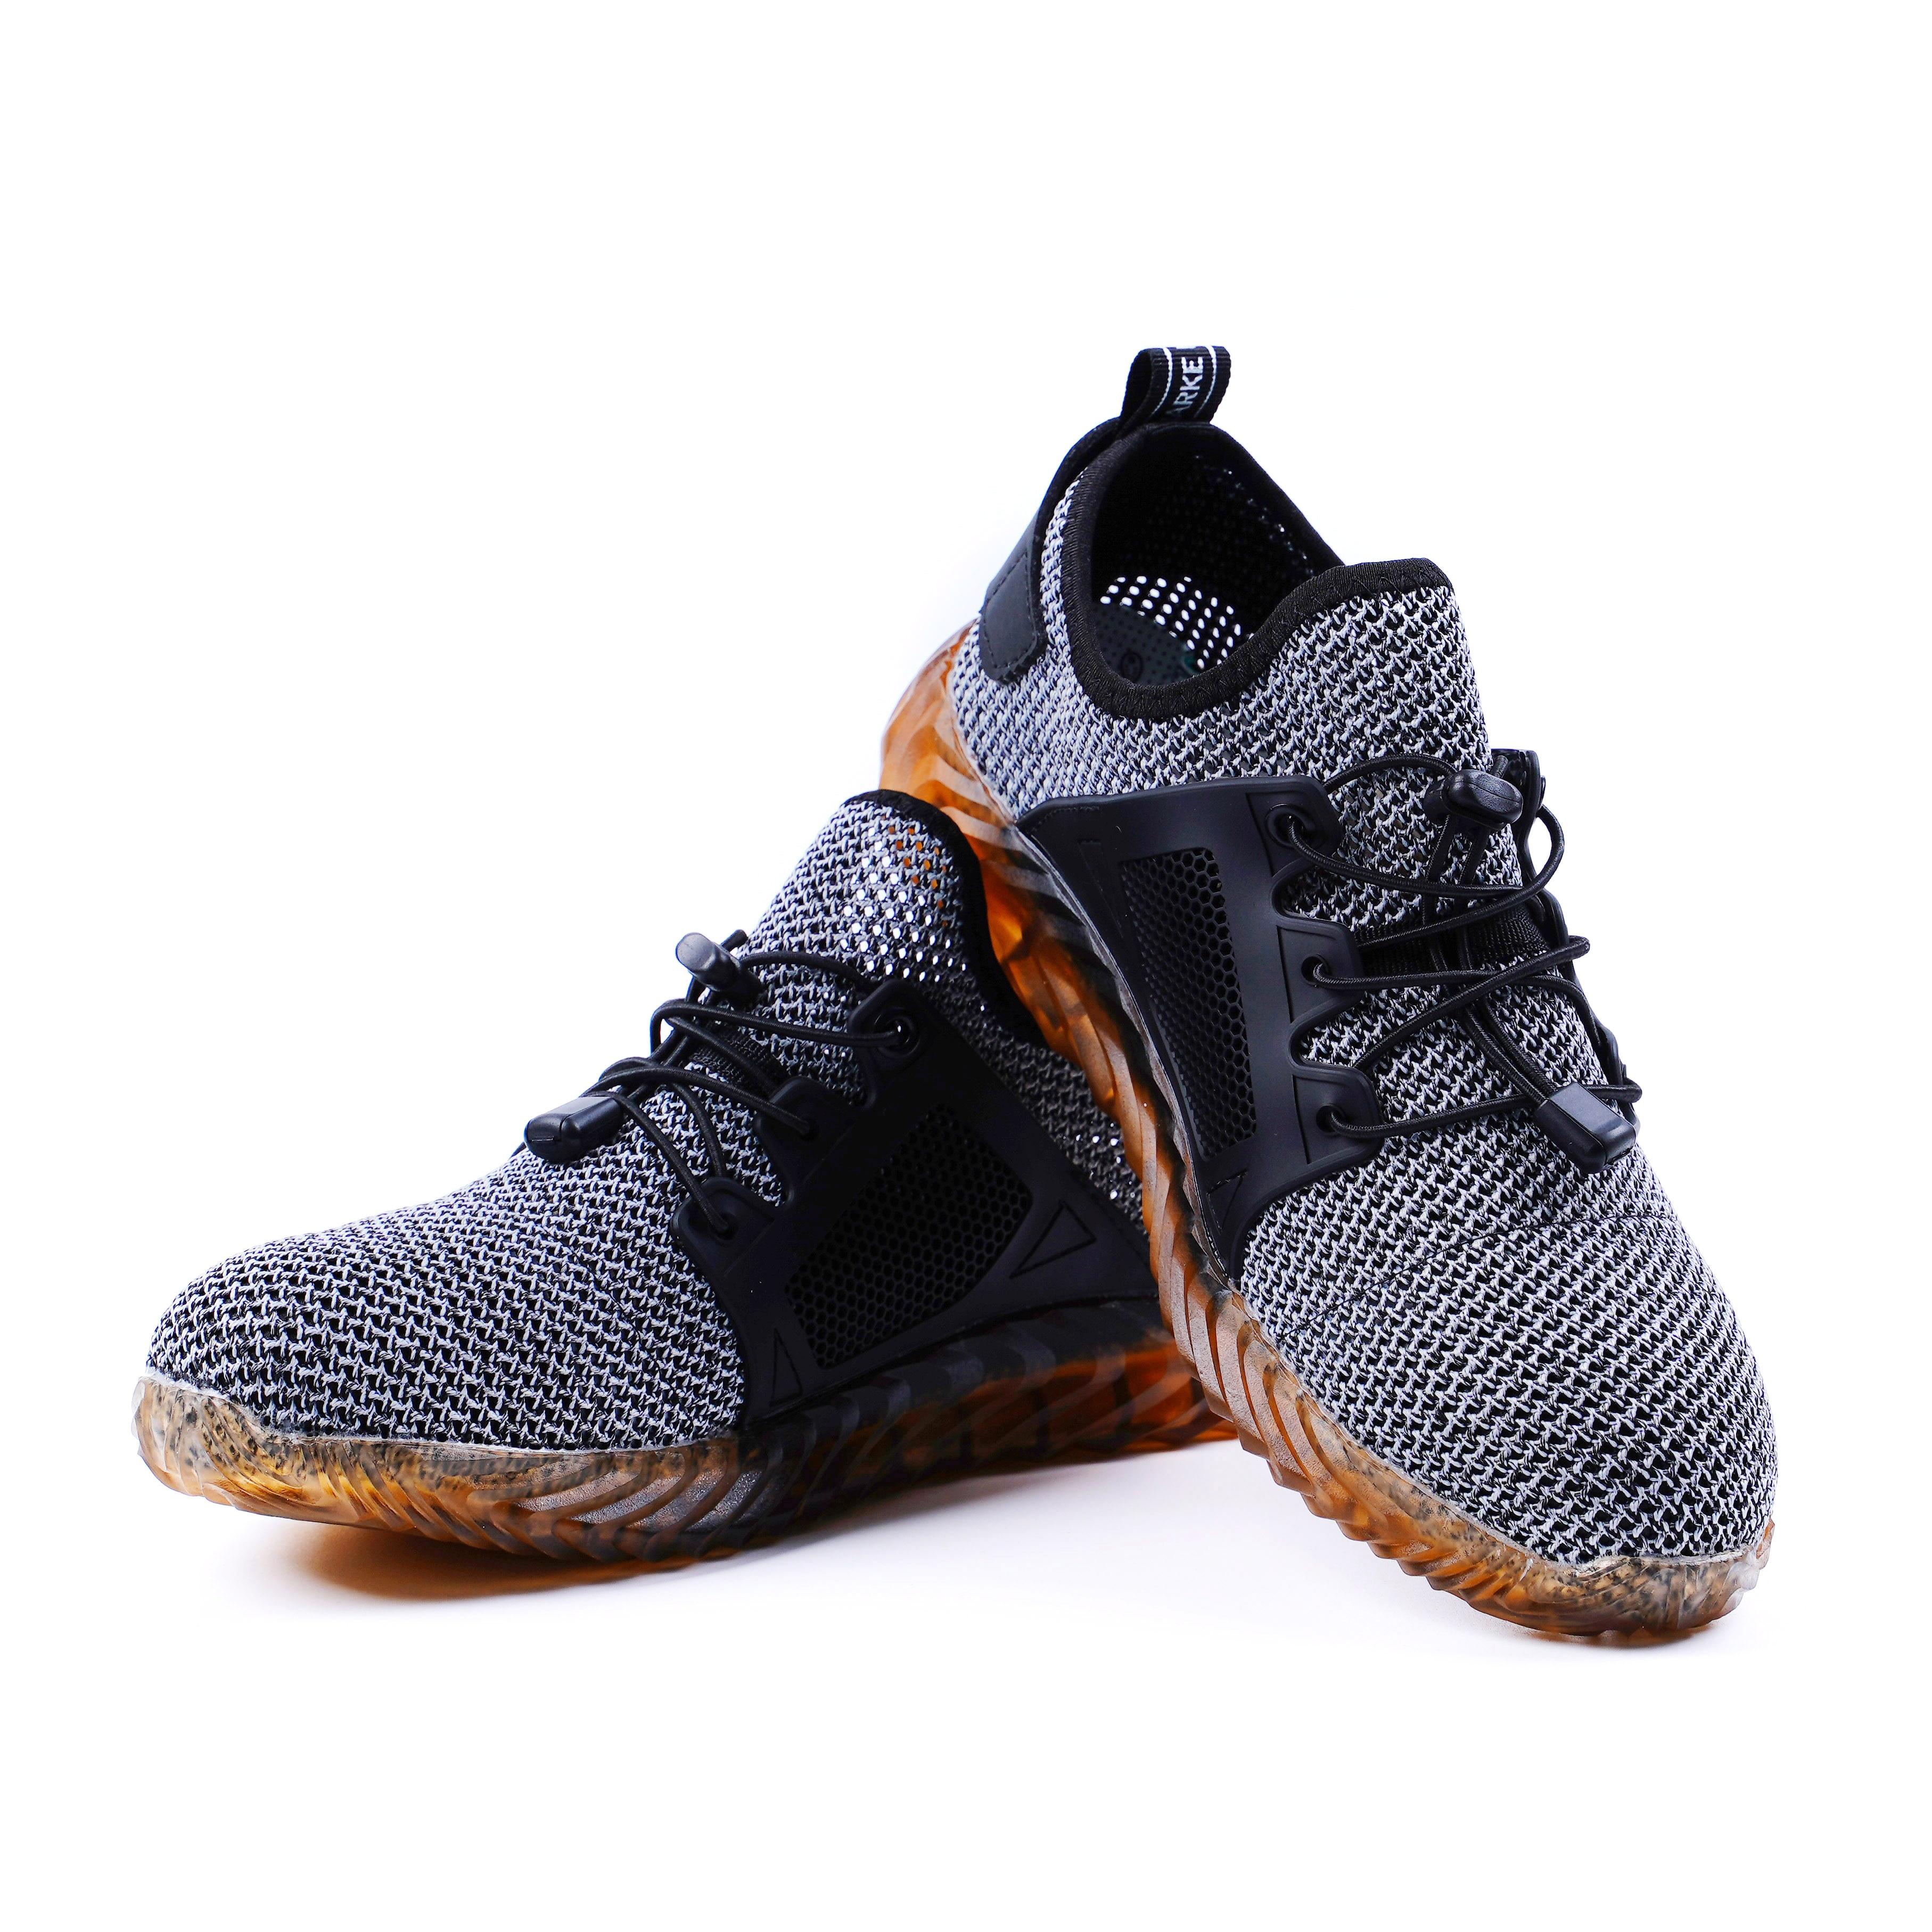 Неубиваемые кроссовки Immortal shoes в Северодонецке